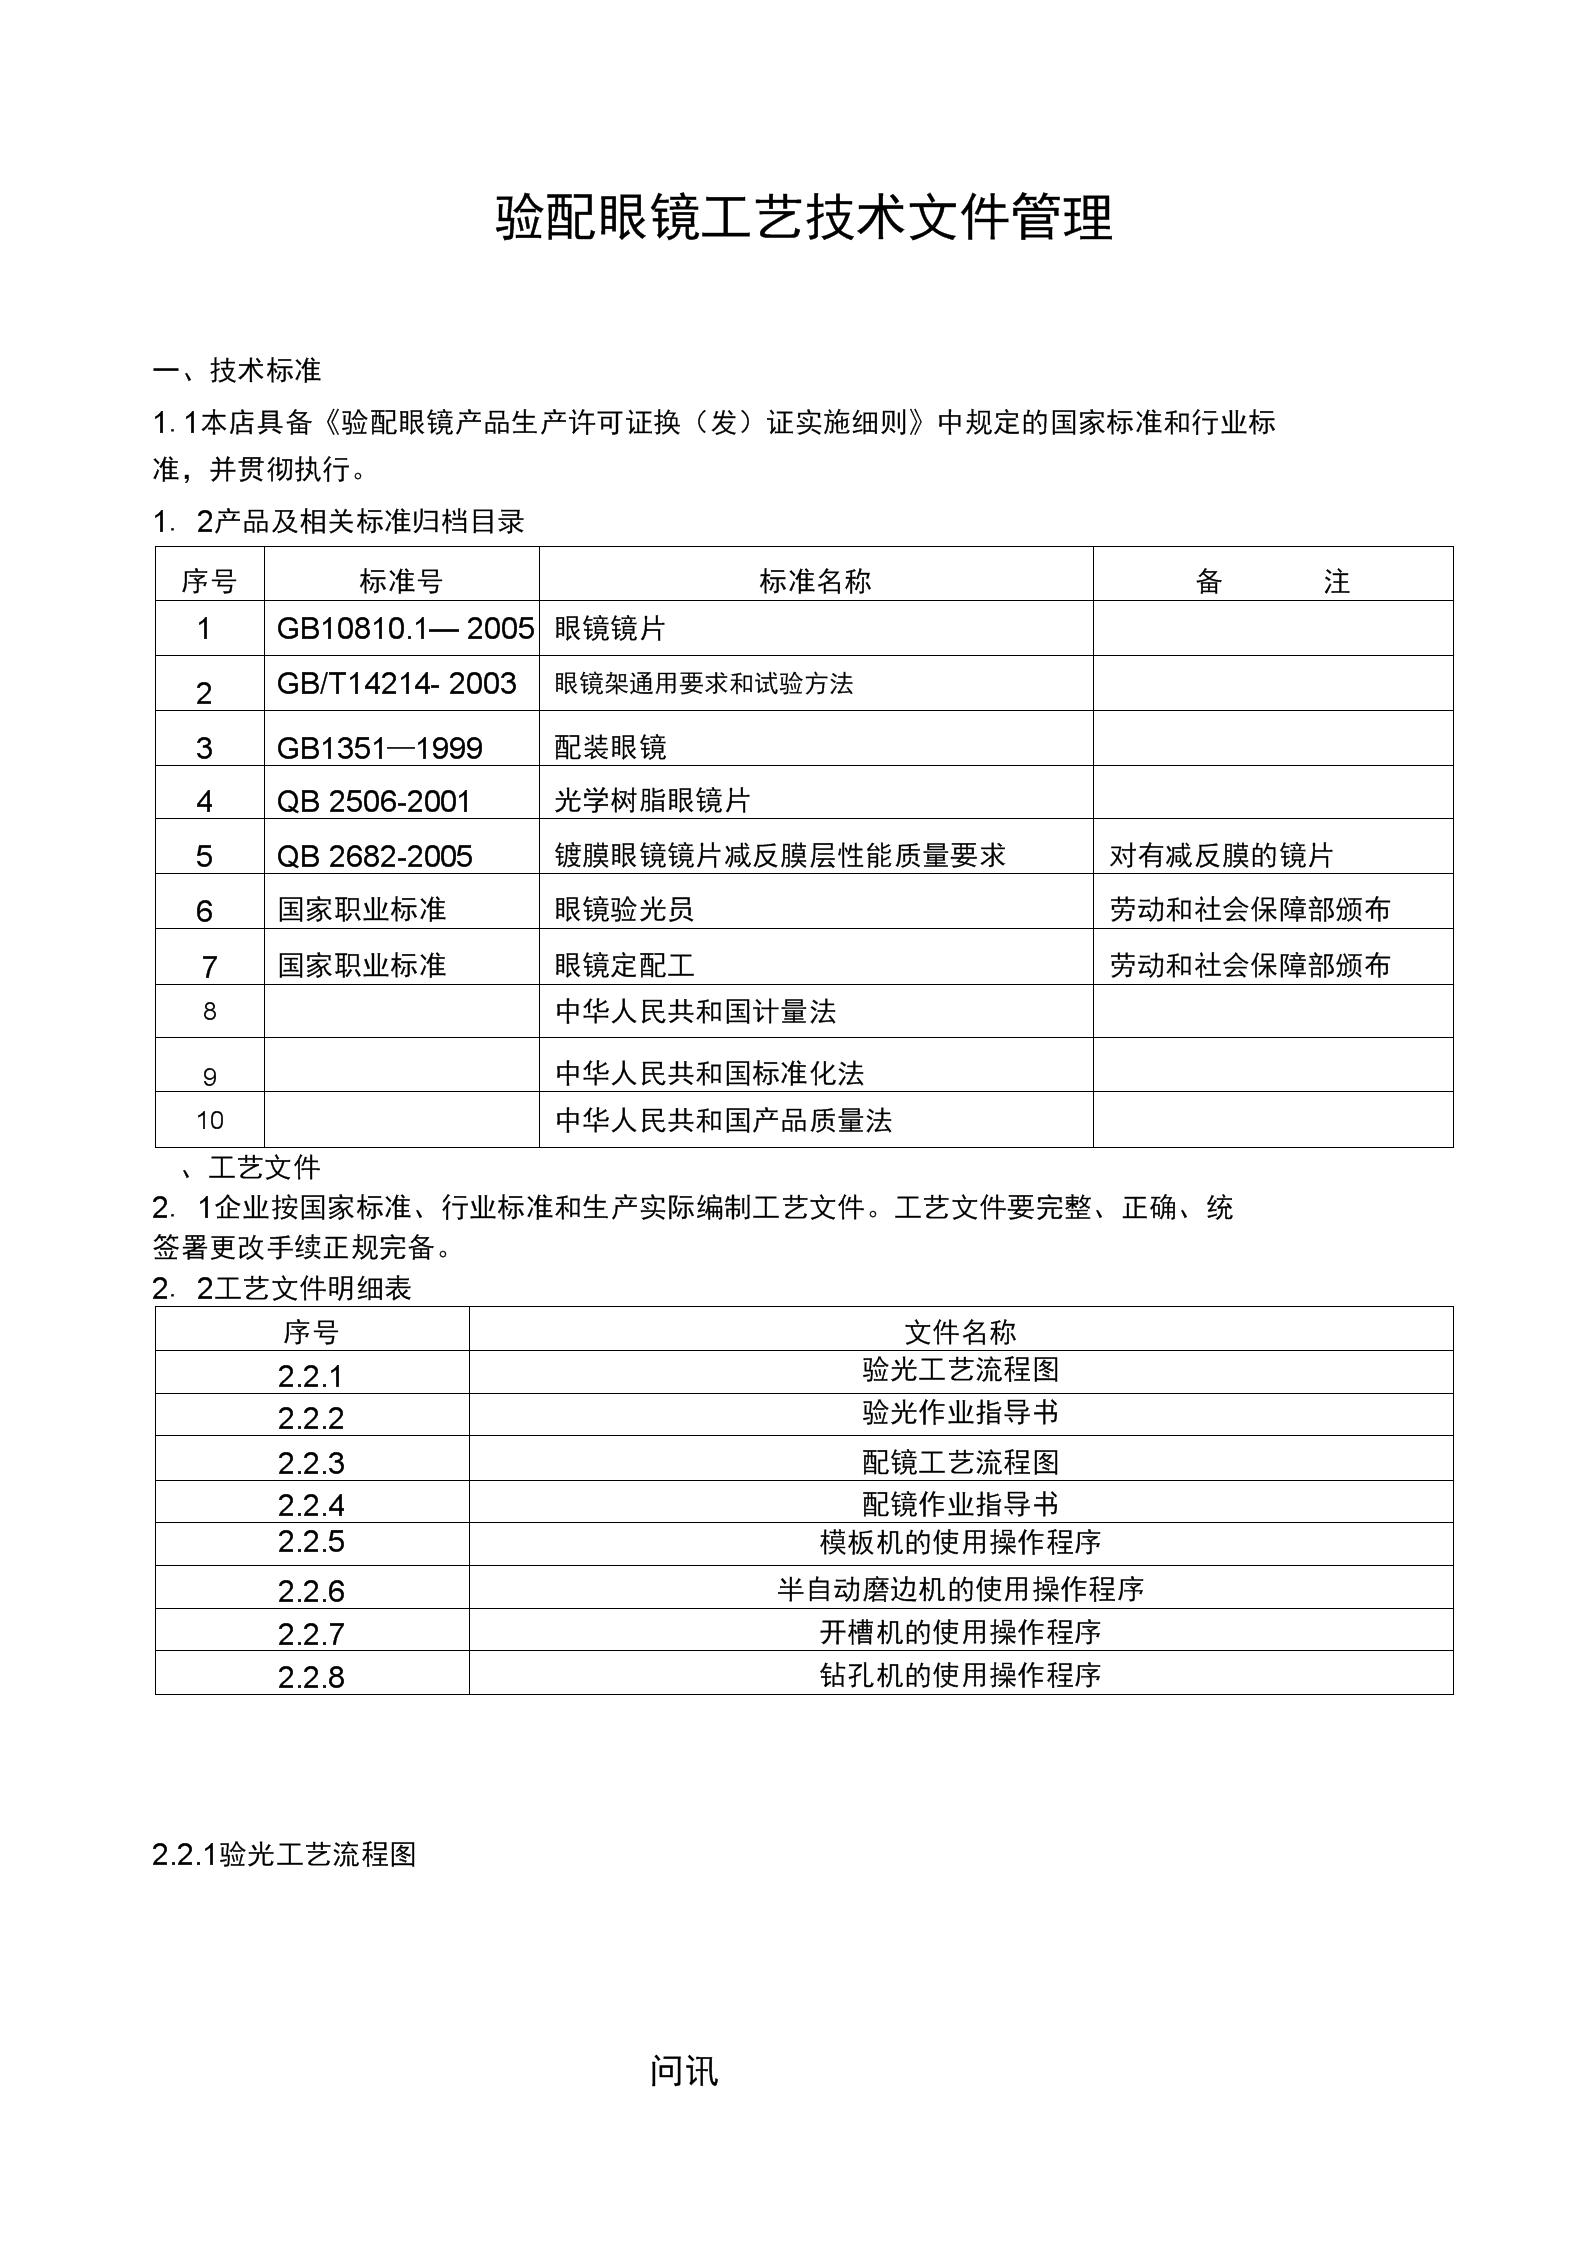 验配眼镜工艺技术文件管理.docx